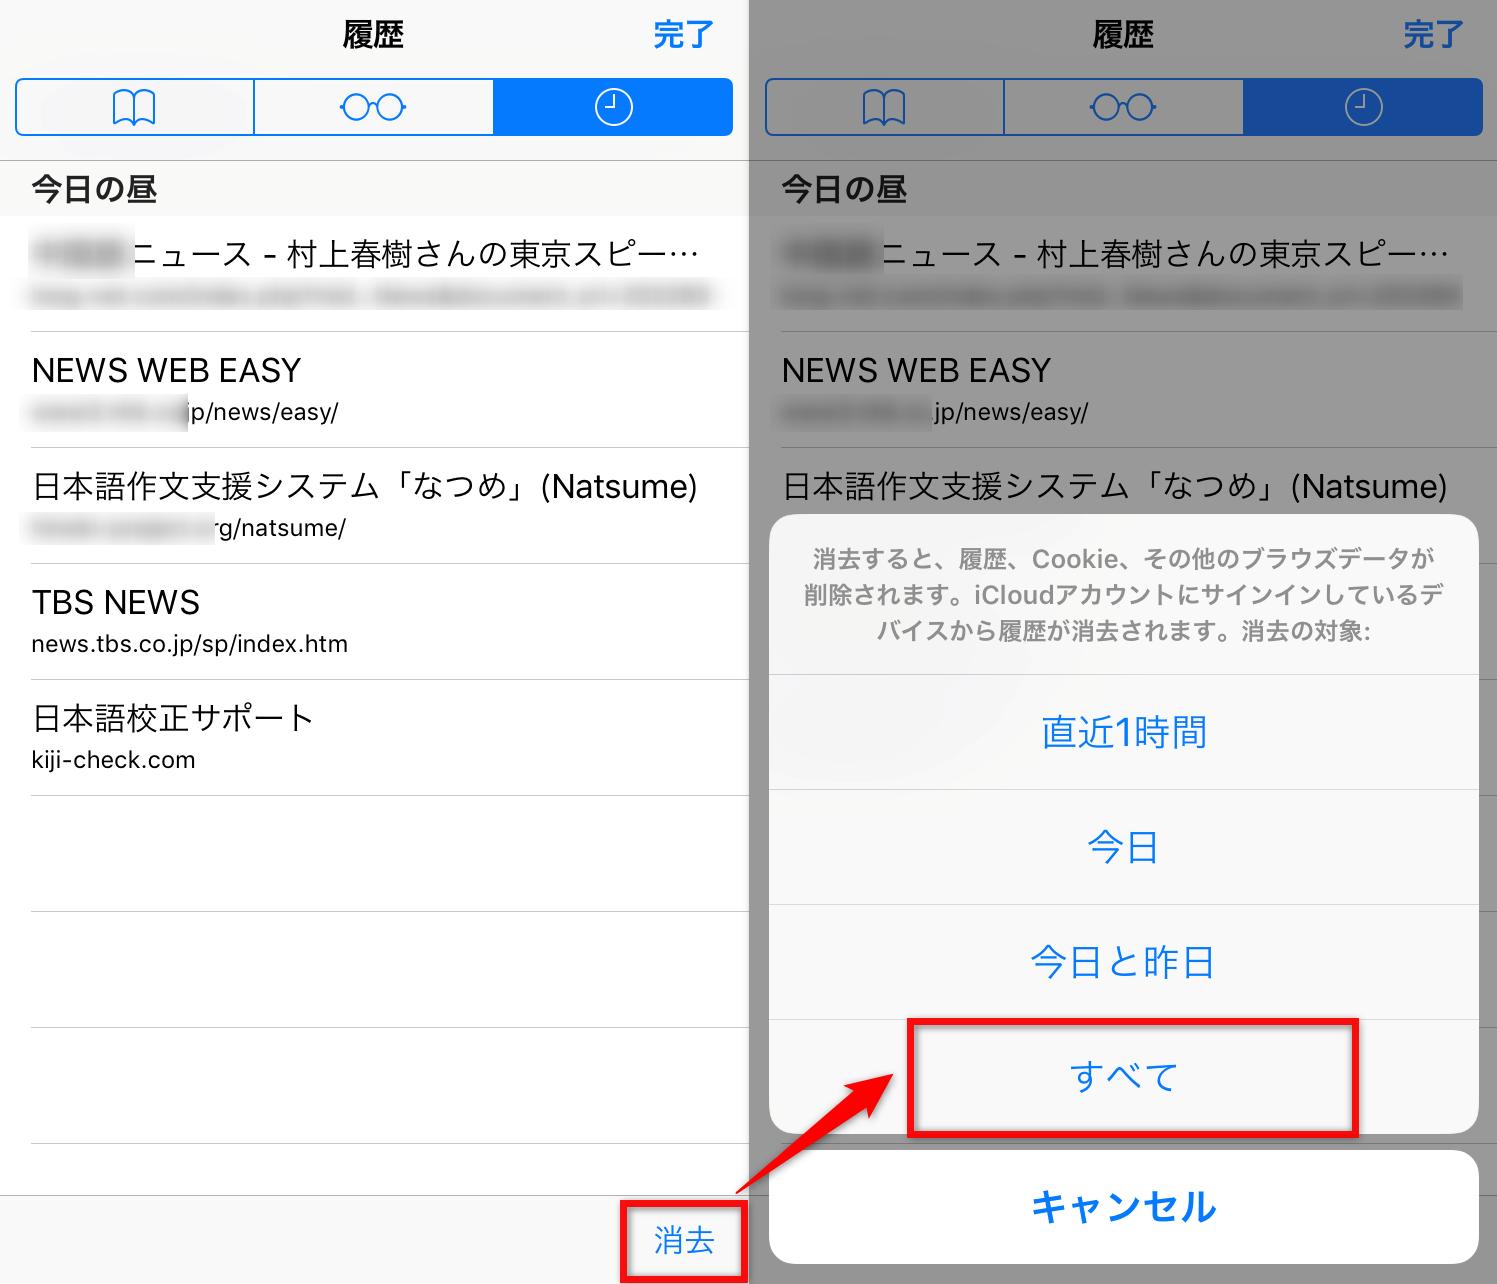 iOS 12.1/12端末(iPhone X/8/7/6s/6/5s) - Safariの提案機能が動作しない